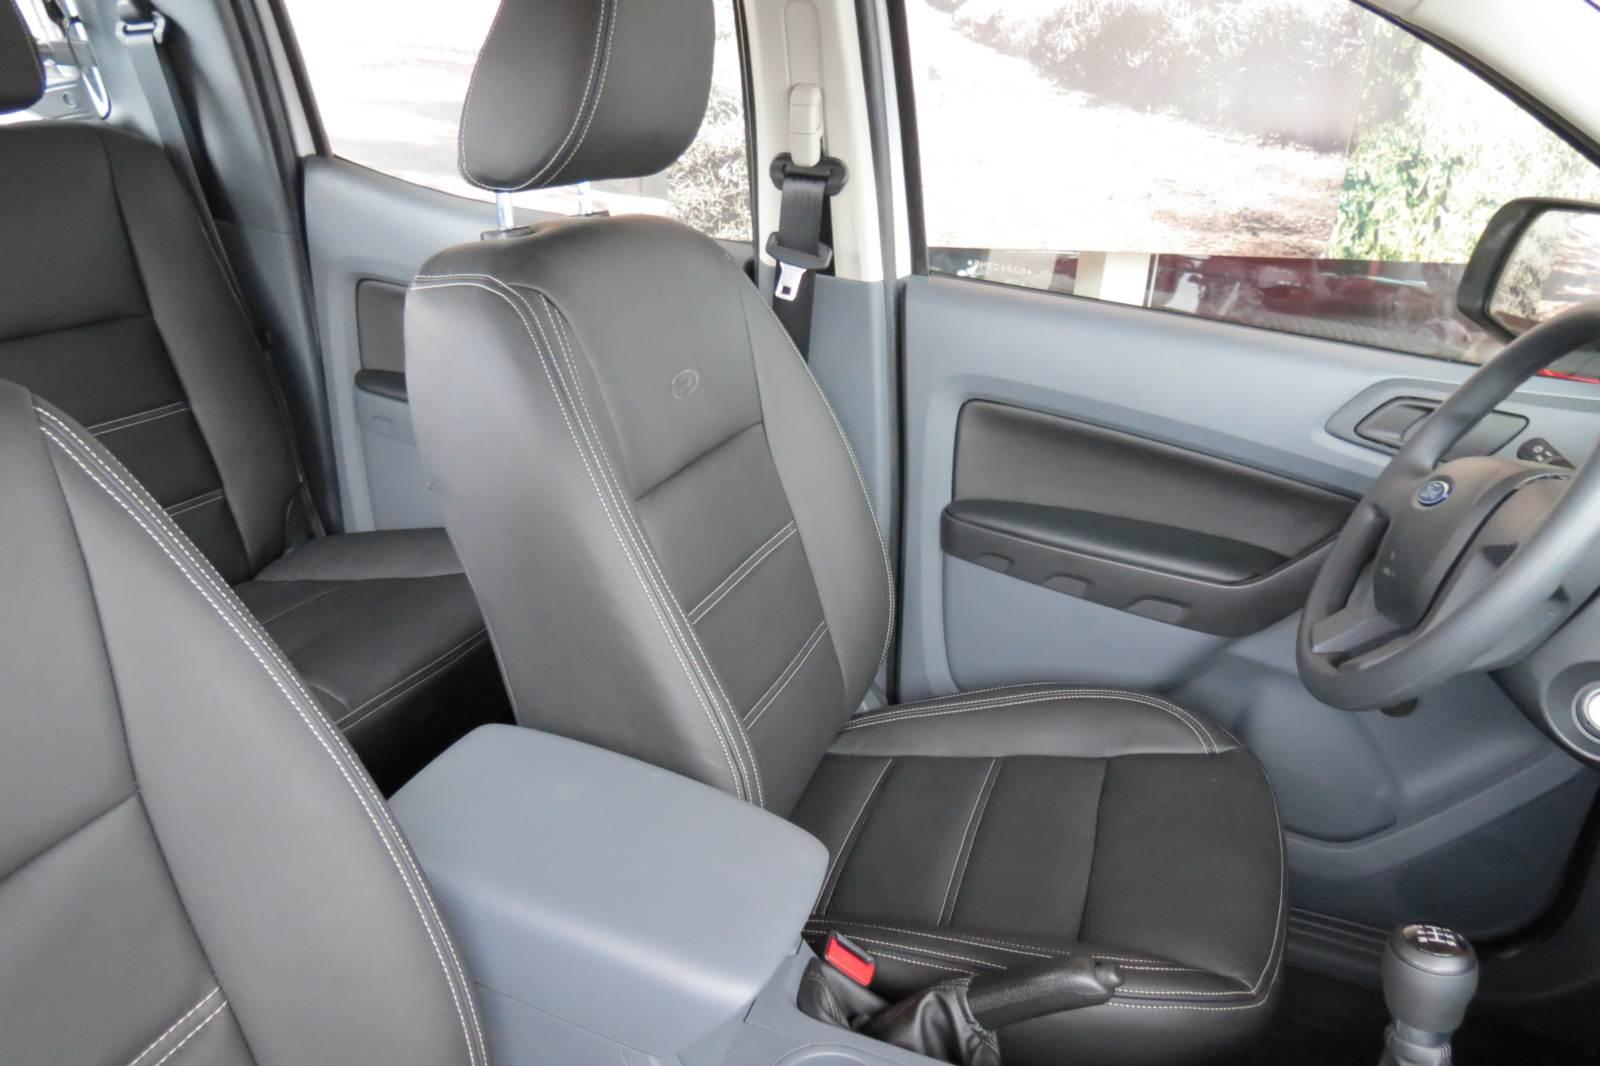 Ford Ranger XL 2.5 Flex Cabine Dupla - interior em couro